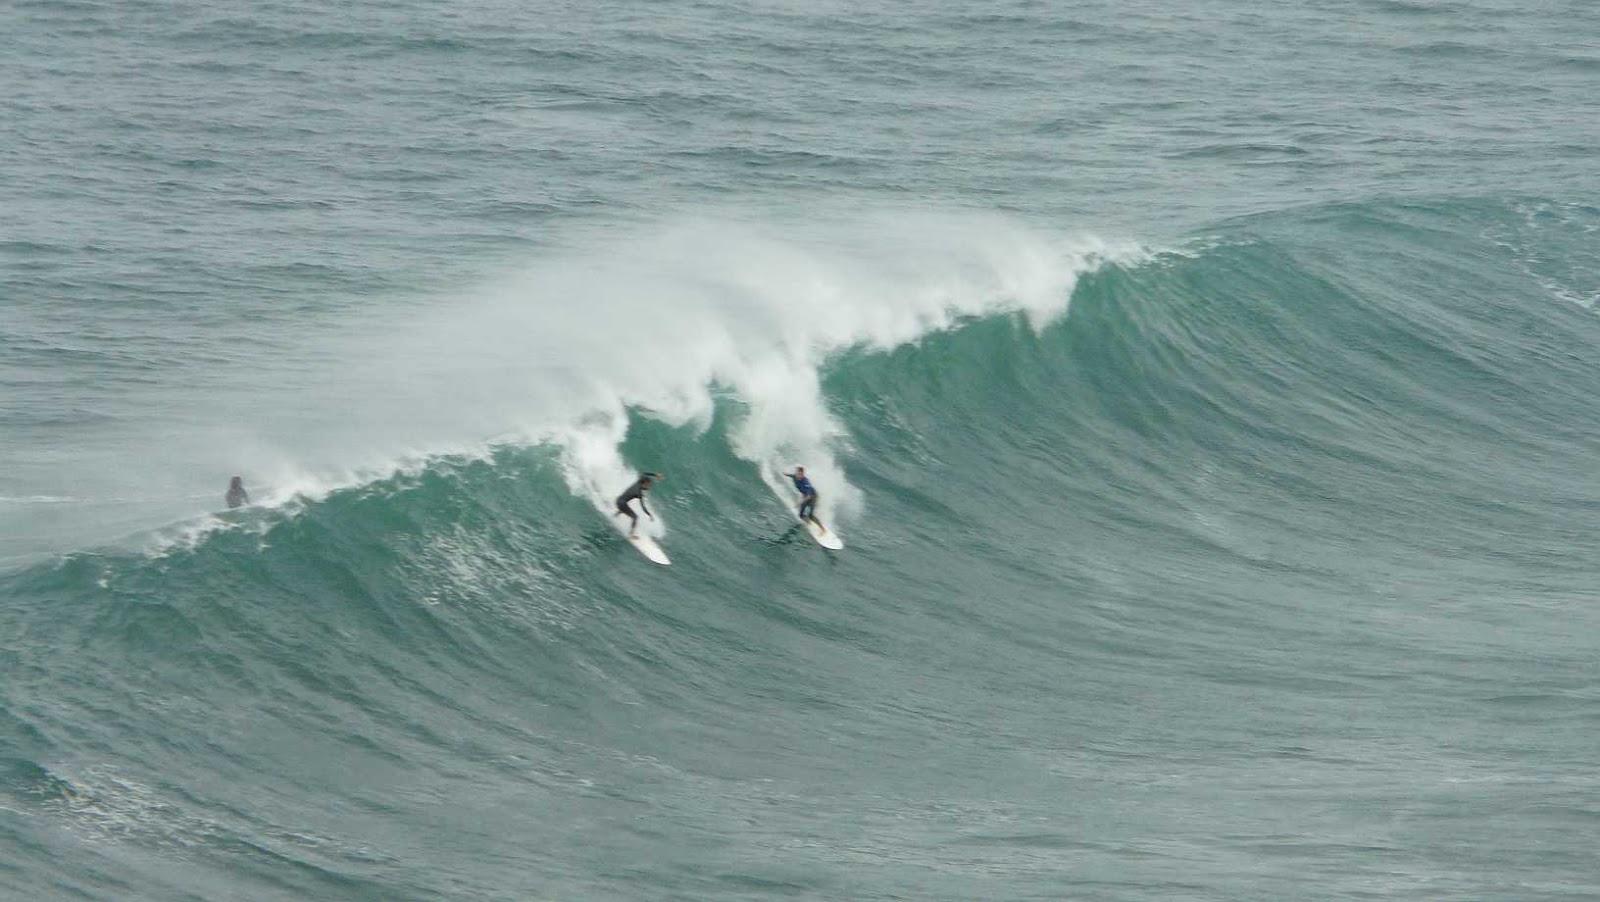 sesion otono menakoz septiembre 2015 surf olas grandes 06